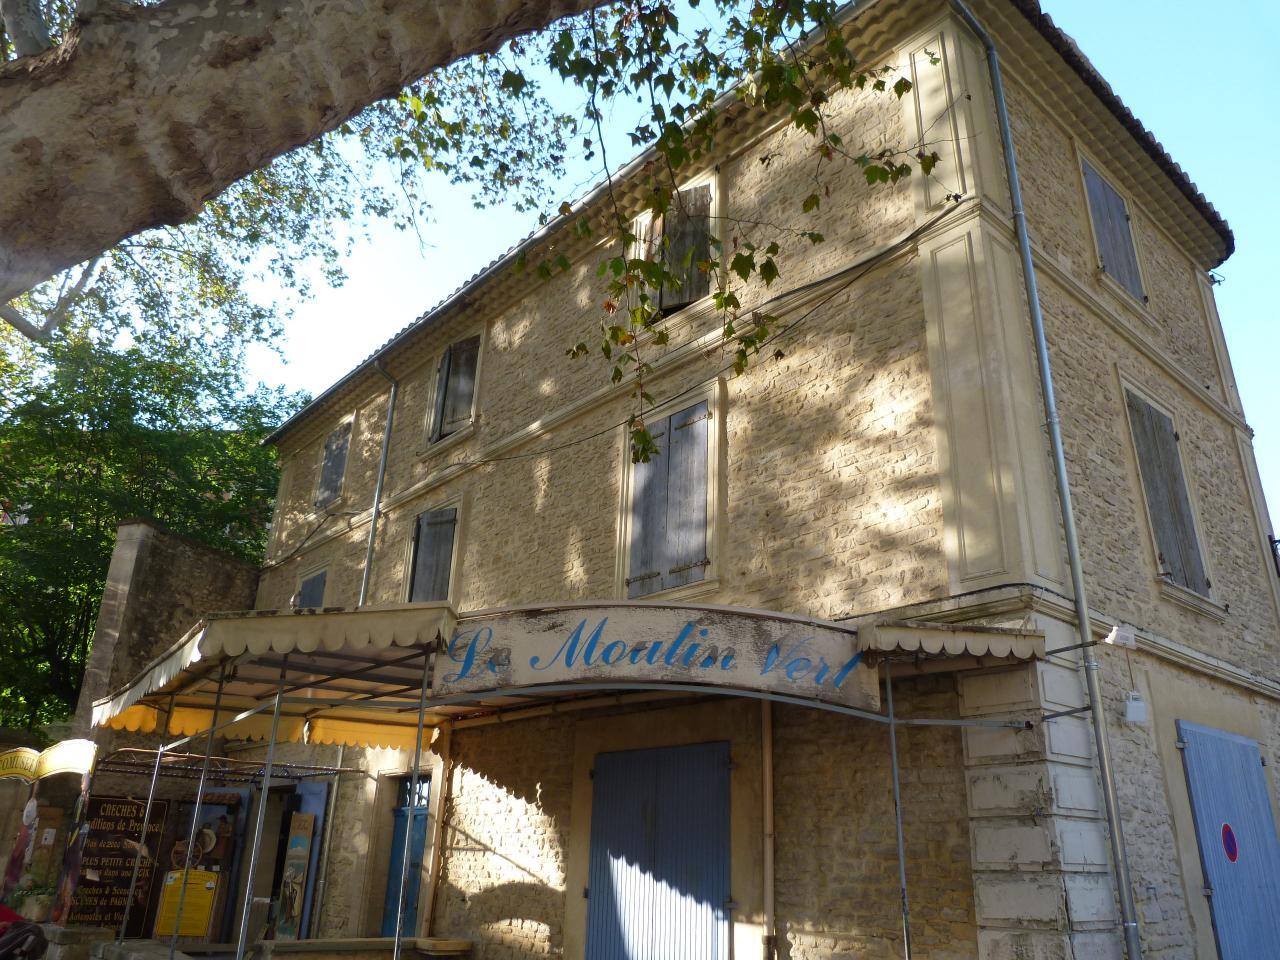 Le Moulin Vert, Santons museum